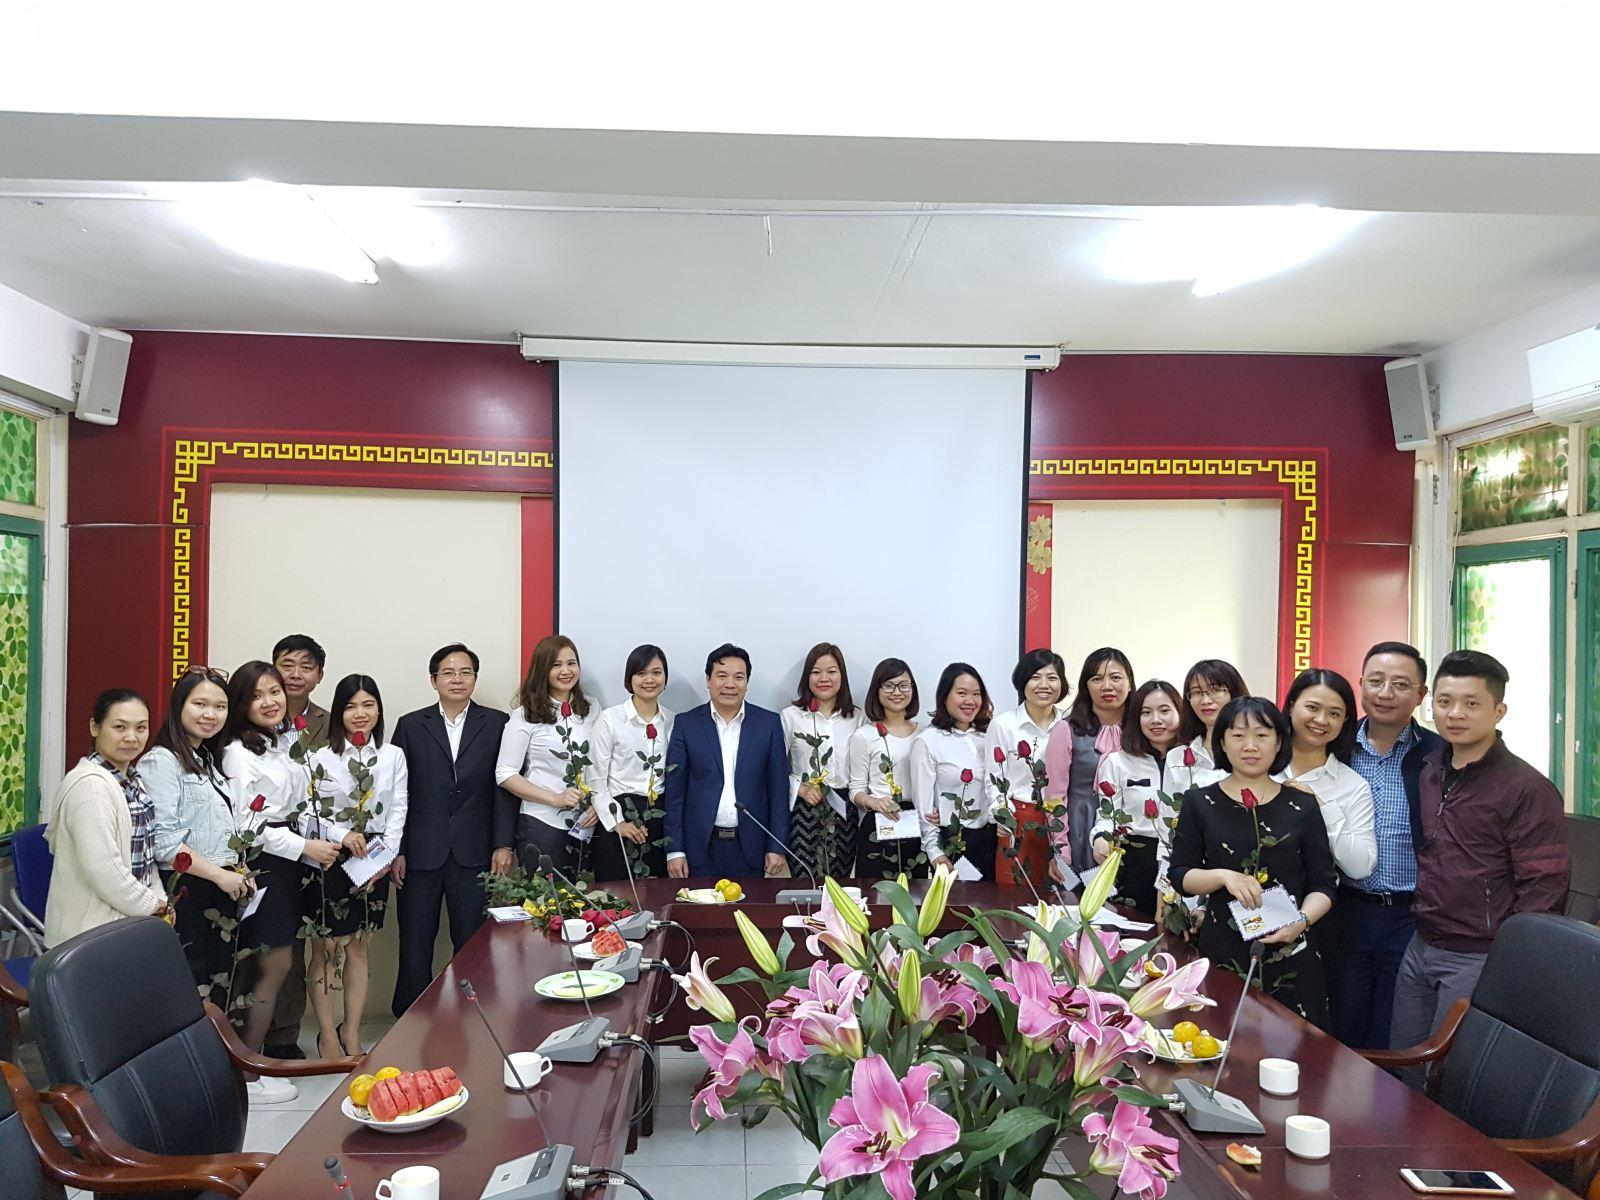 Lãnh đạo Trung tâm chúc mừng Ngày quốc tế Phụ nữ 8/3 cán bộ nữ Trung tâm